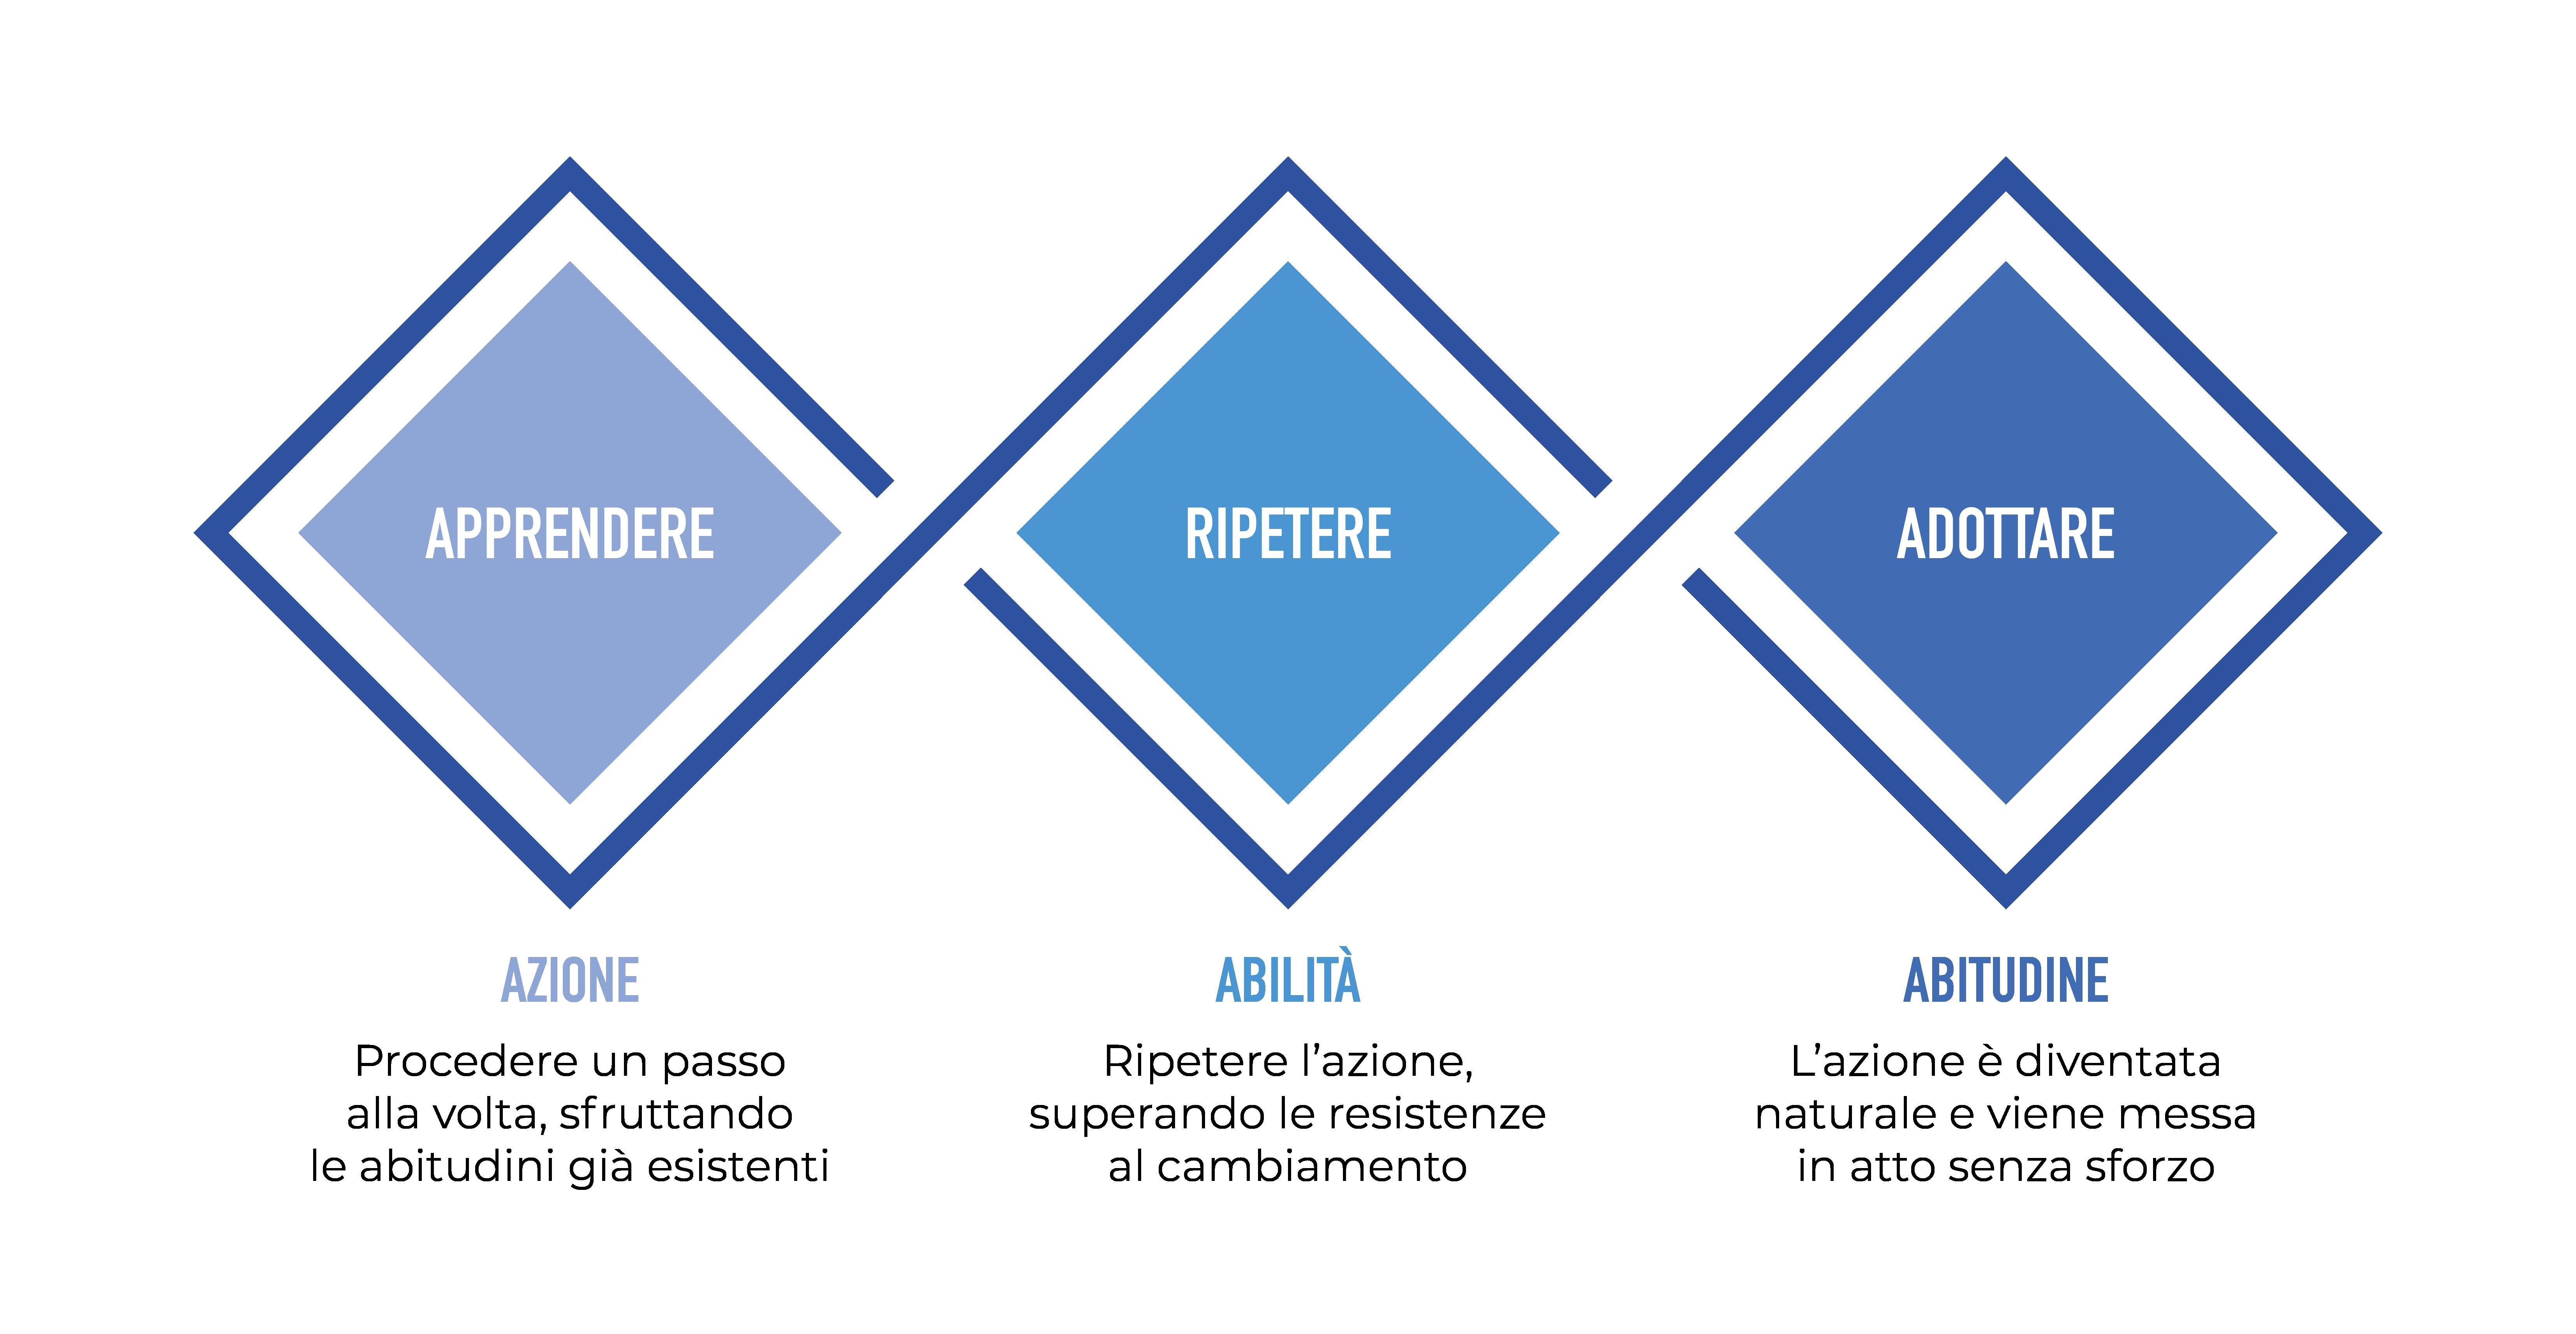 Grafica sul modo per cambiare le proprie abitudini tramite il ciclo: apprendere, ripetere, adottare